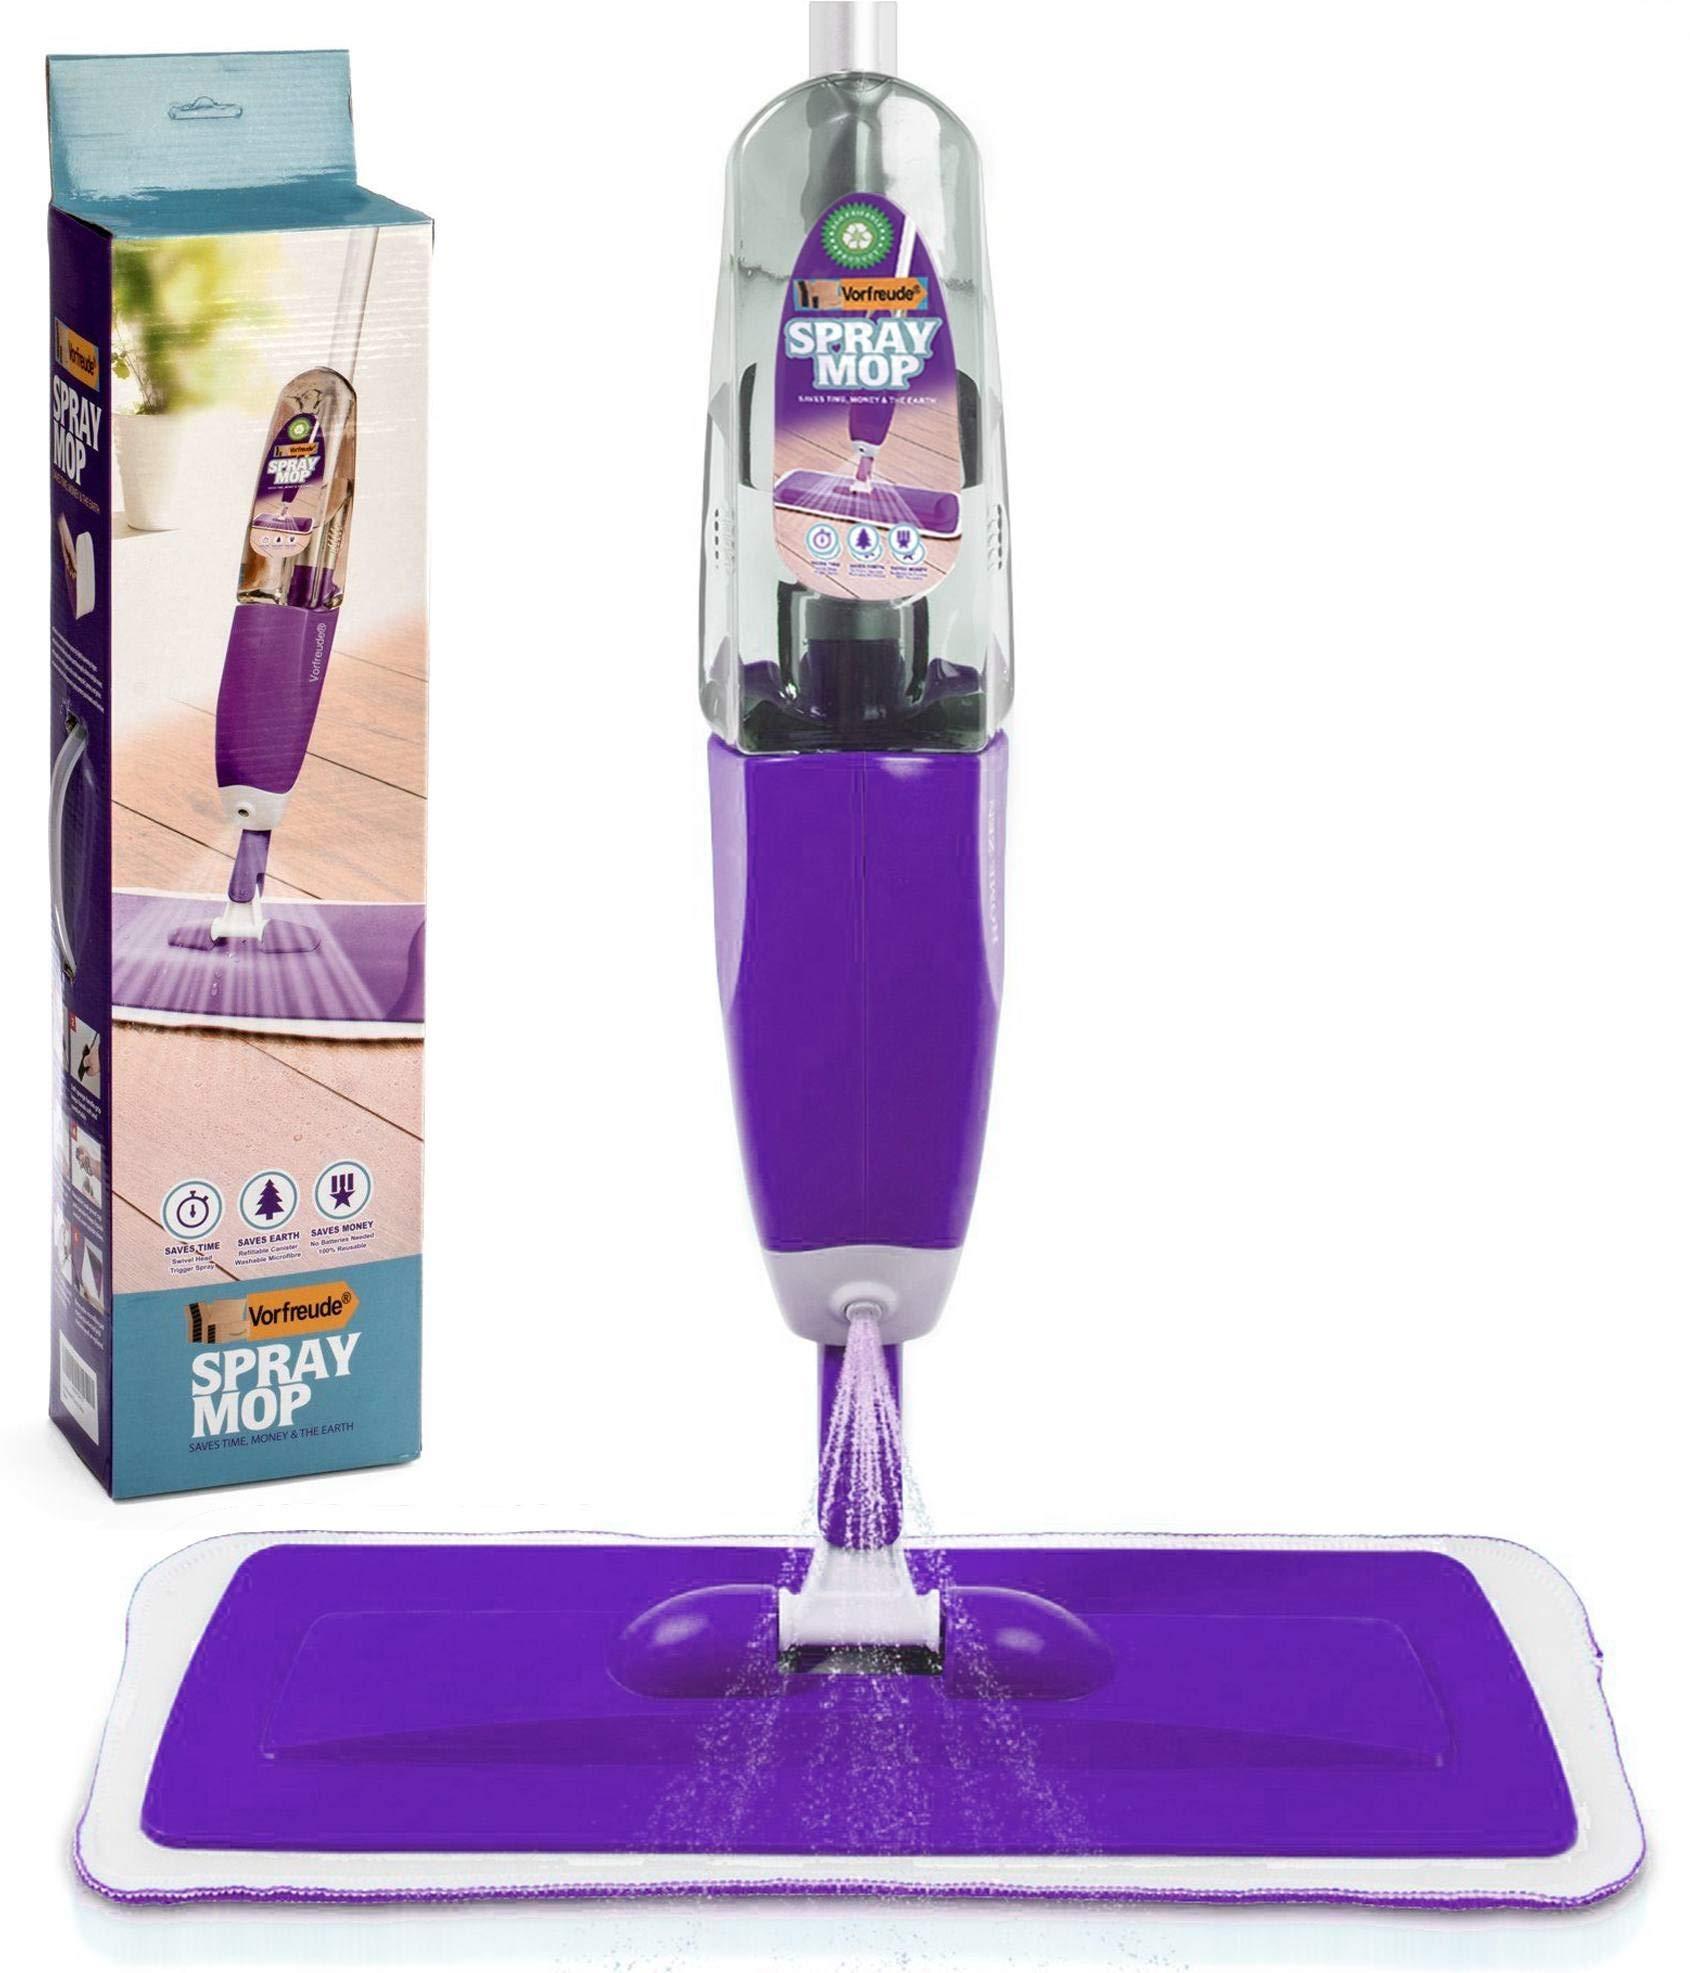 Vorfreude Floor Spray Mop Refillable